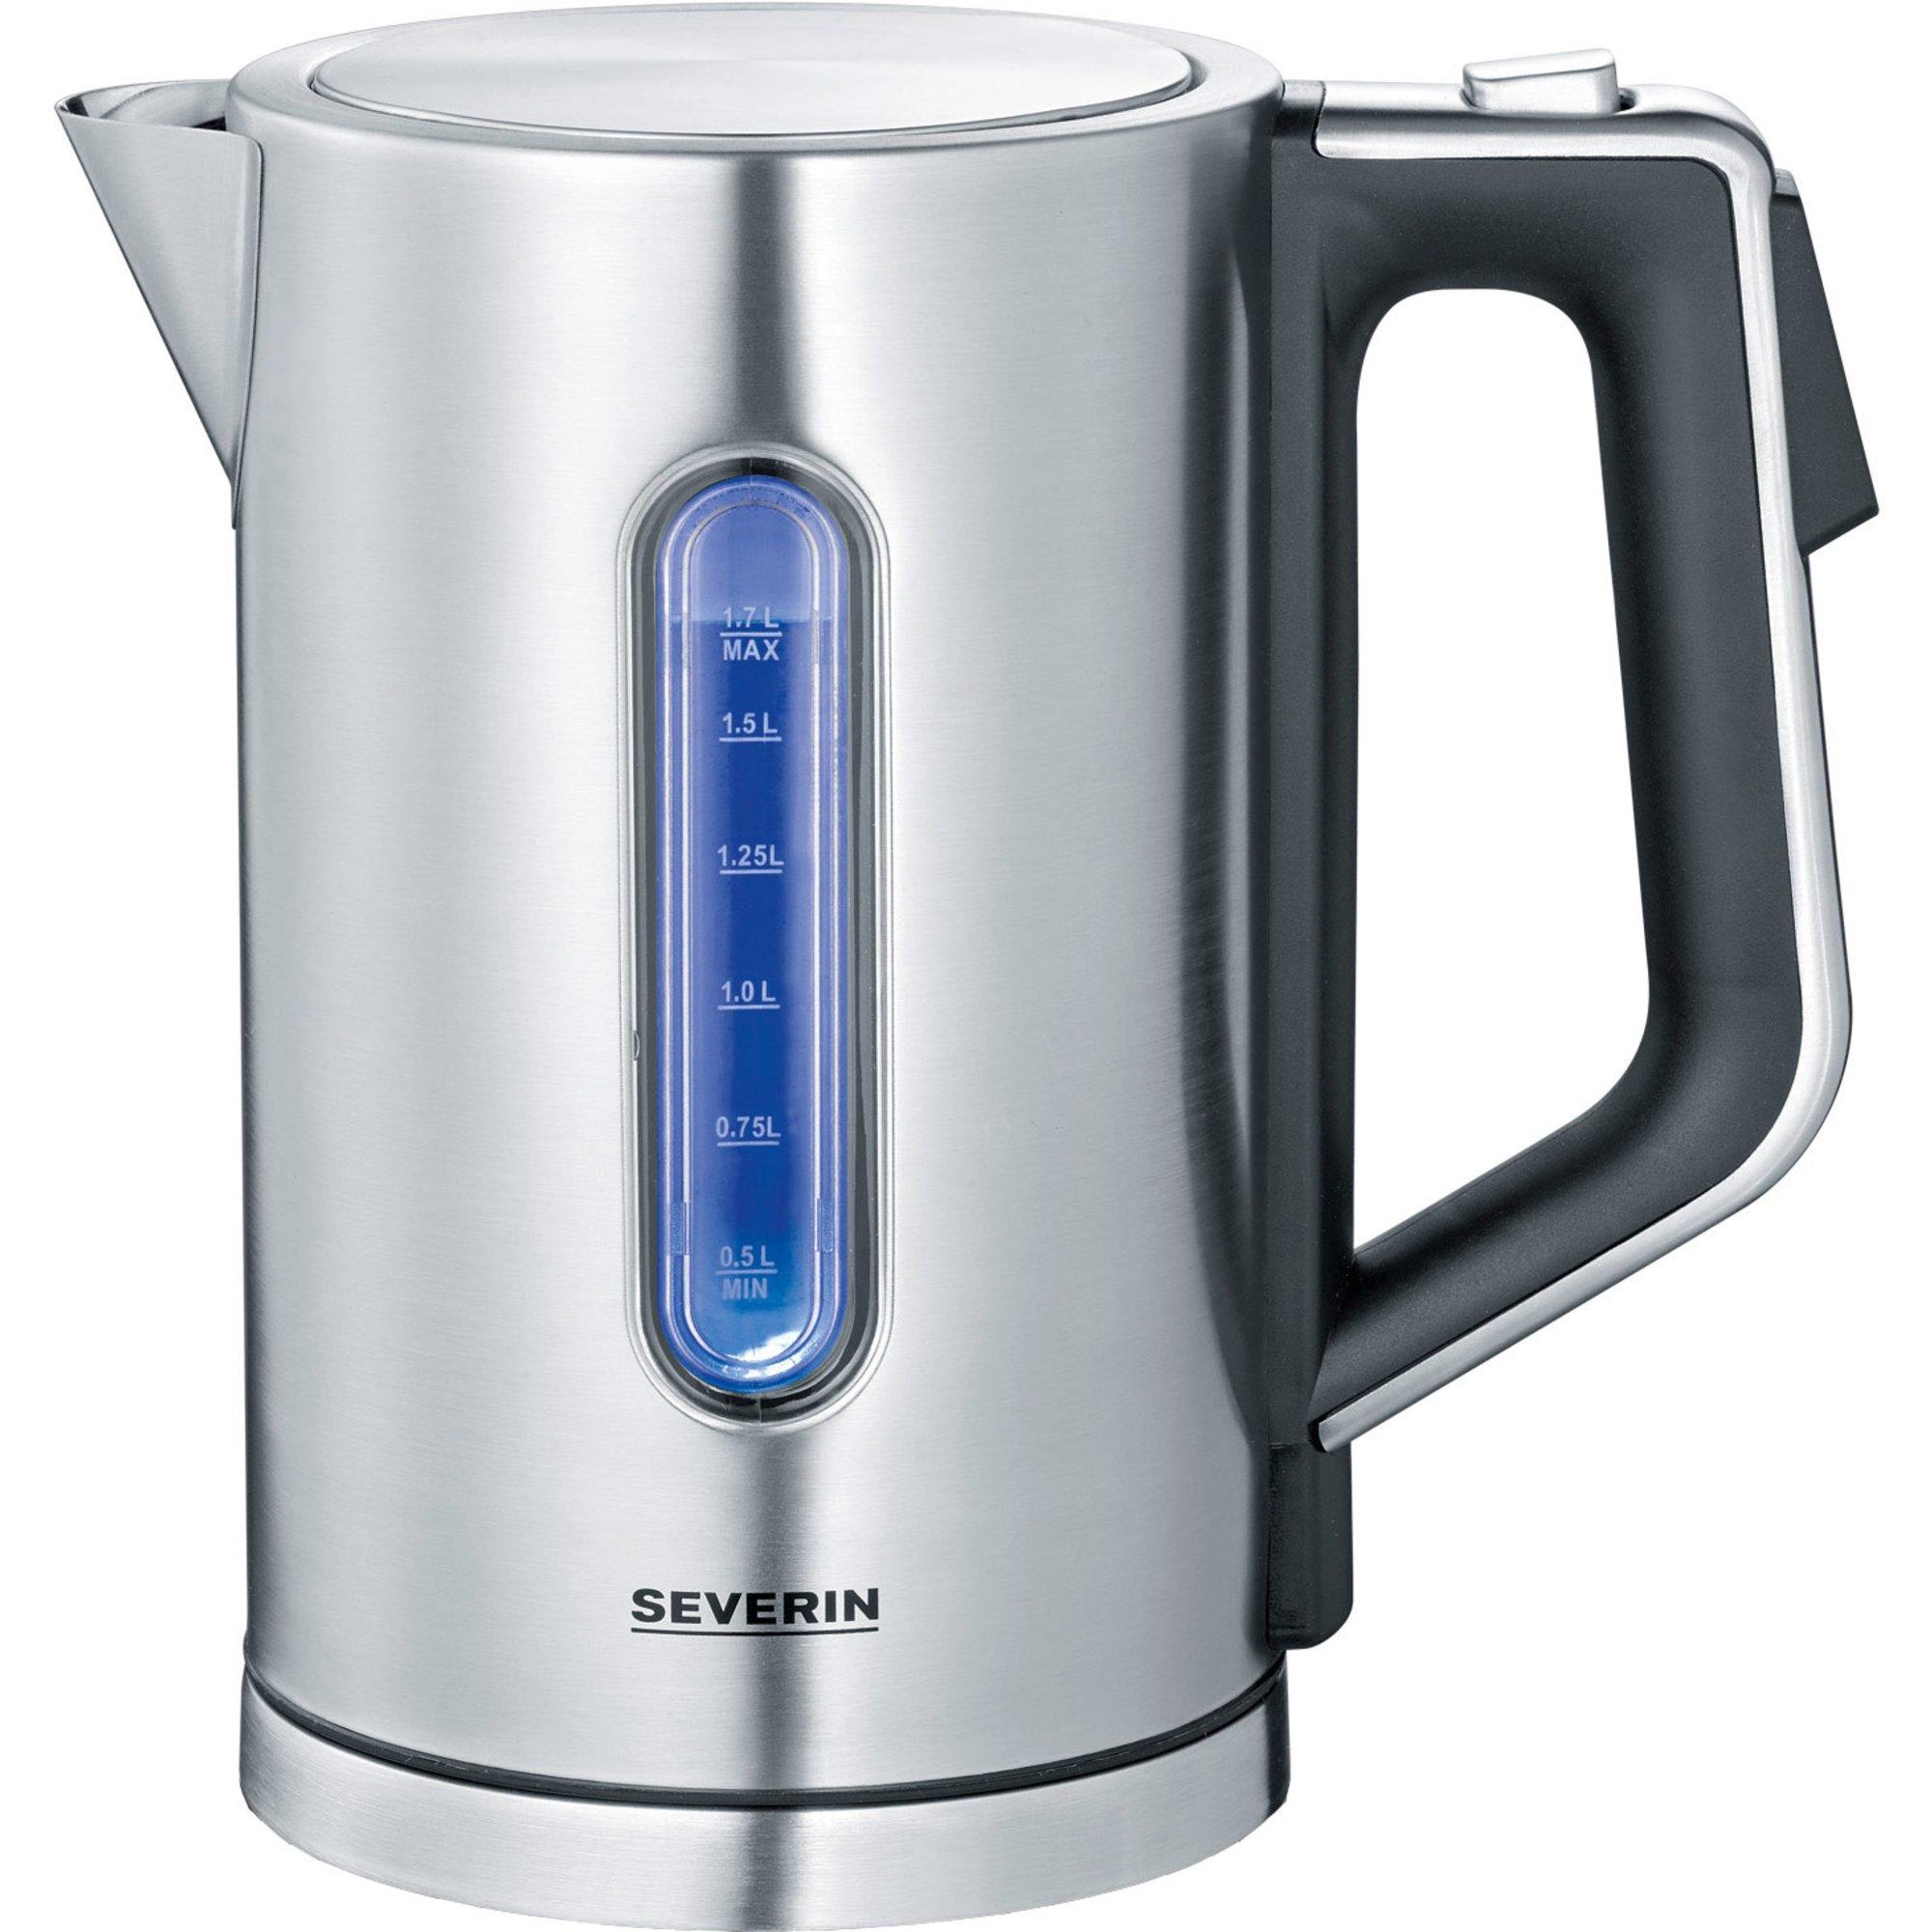 Severin Vattenkokare 17 liter